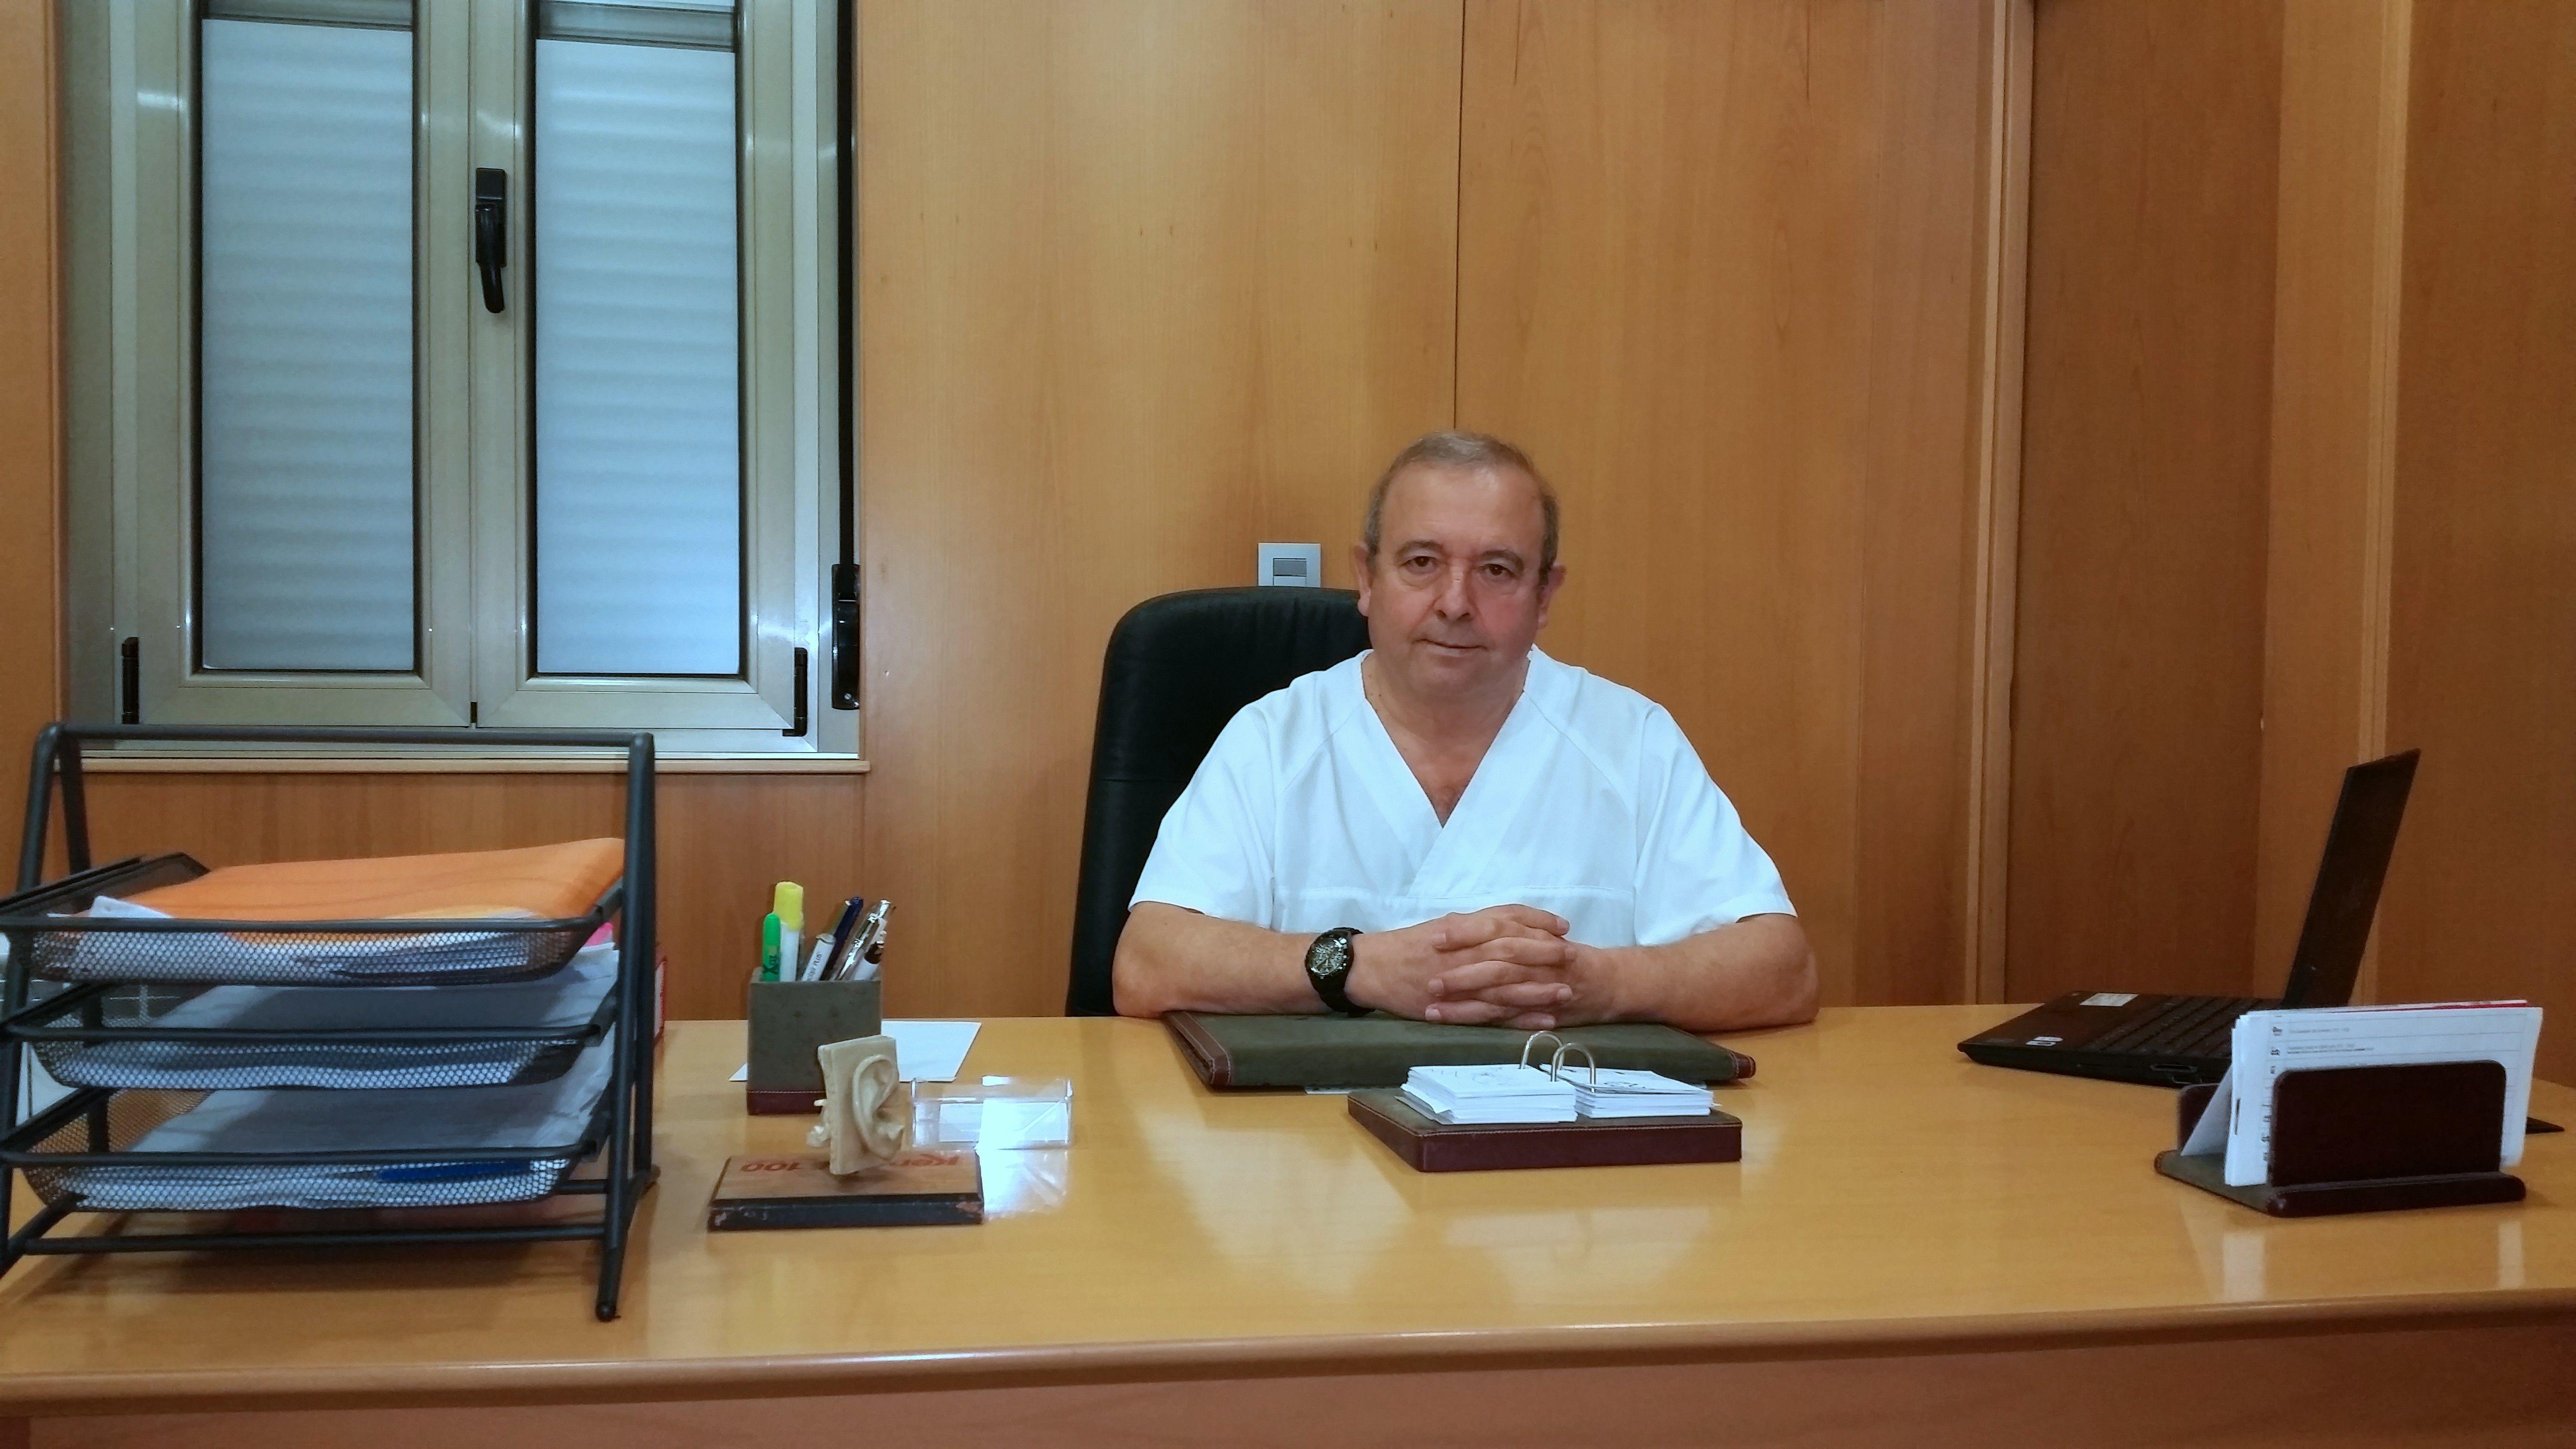 Dr lorenzo luque